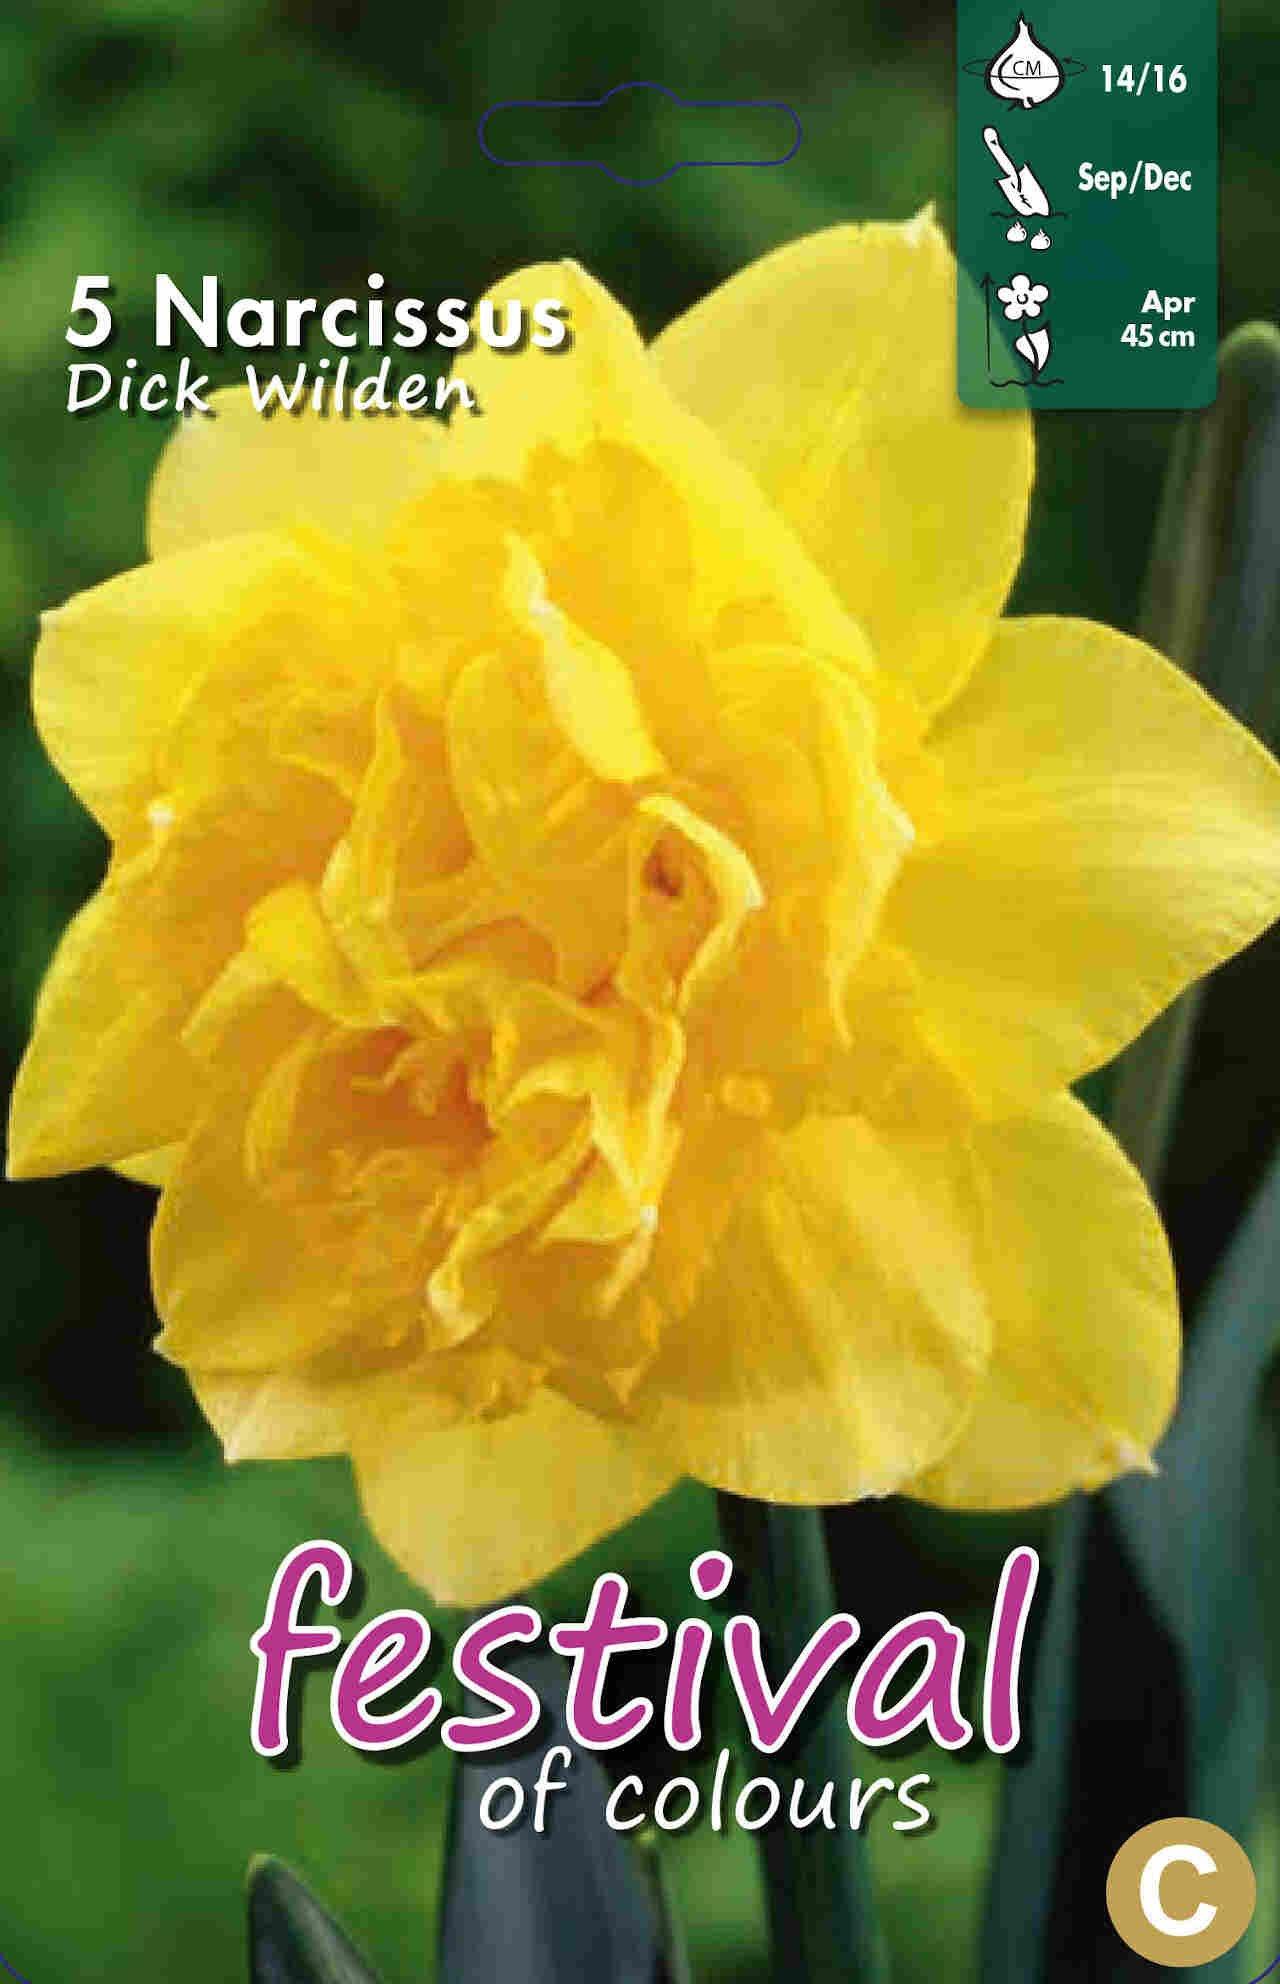 Påskeliljeløg - Narcissus Dick Wilden 14/16